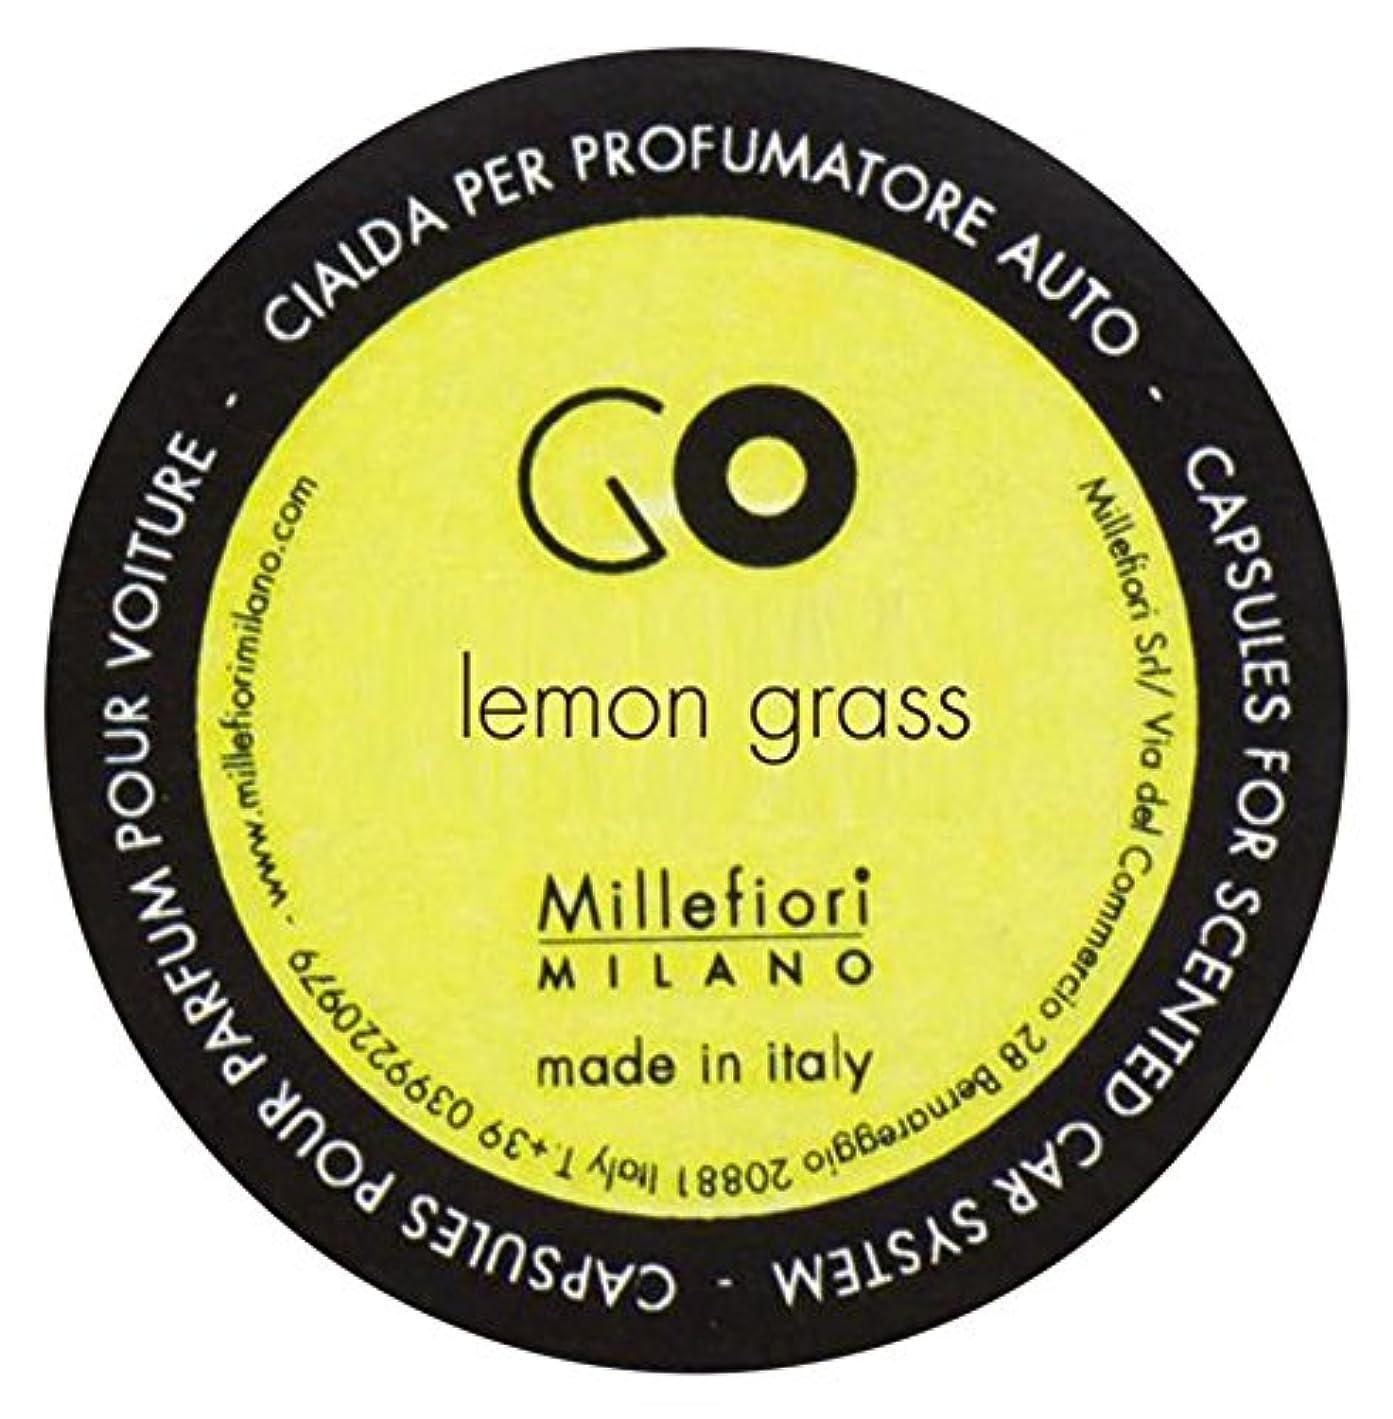 置換カテゴリー武装解除Millefiori カーエアフレッシュナー GO レフィル レモングラス 1pcs RGLG